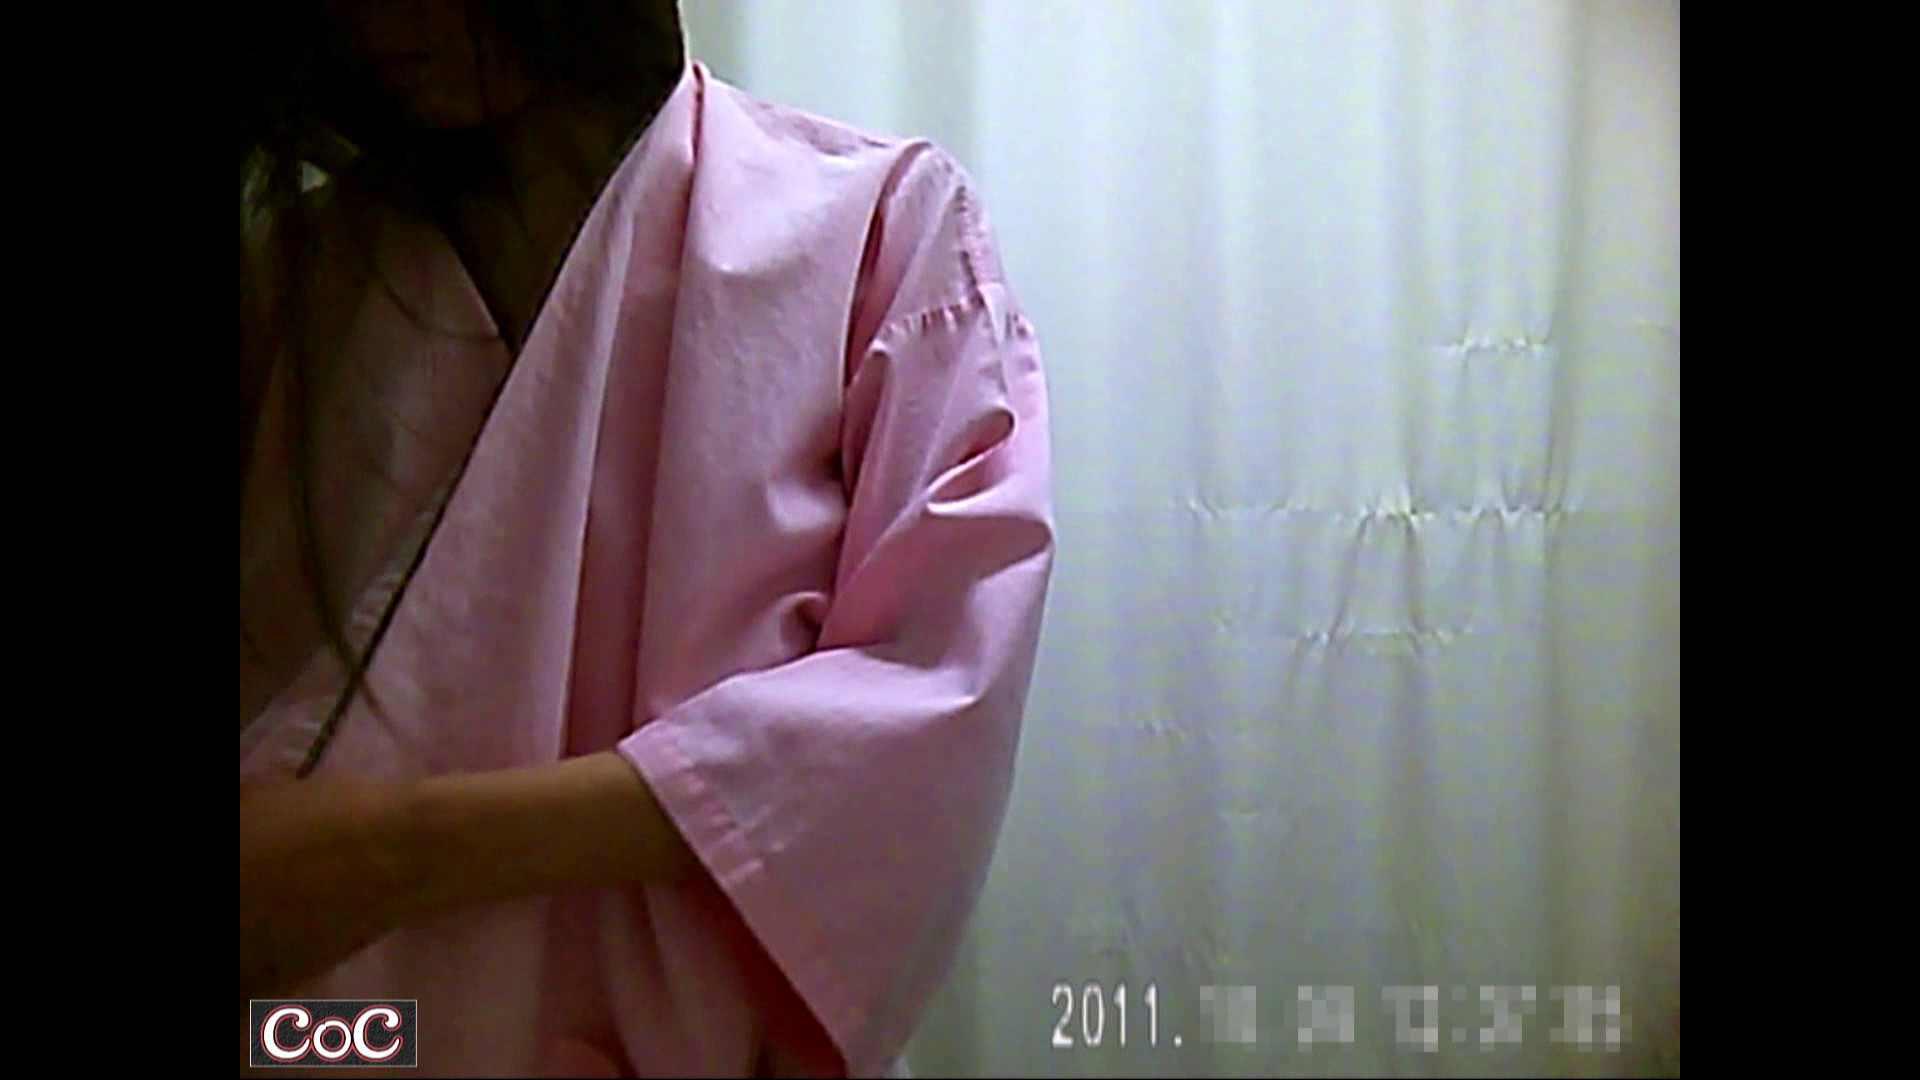 病院おもいっきり着替え! vol.50 乳首 SEX無修正画像 67画像 4